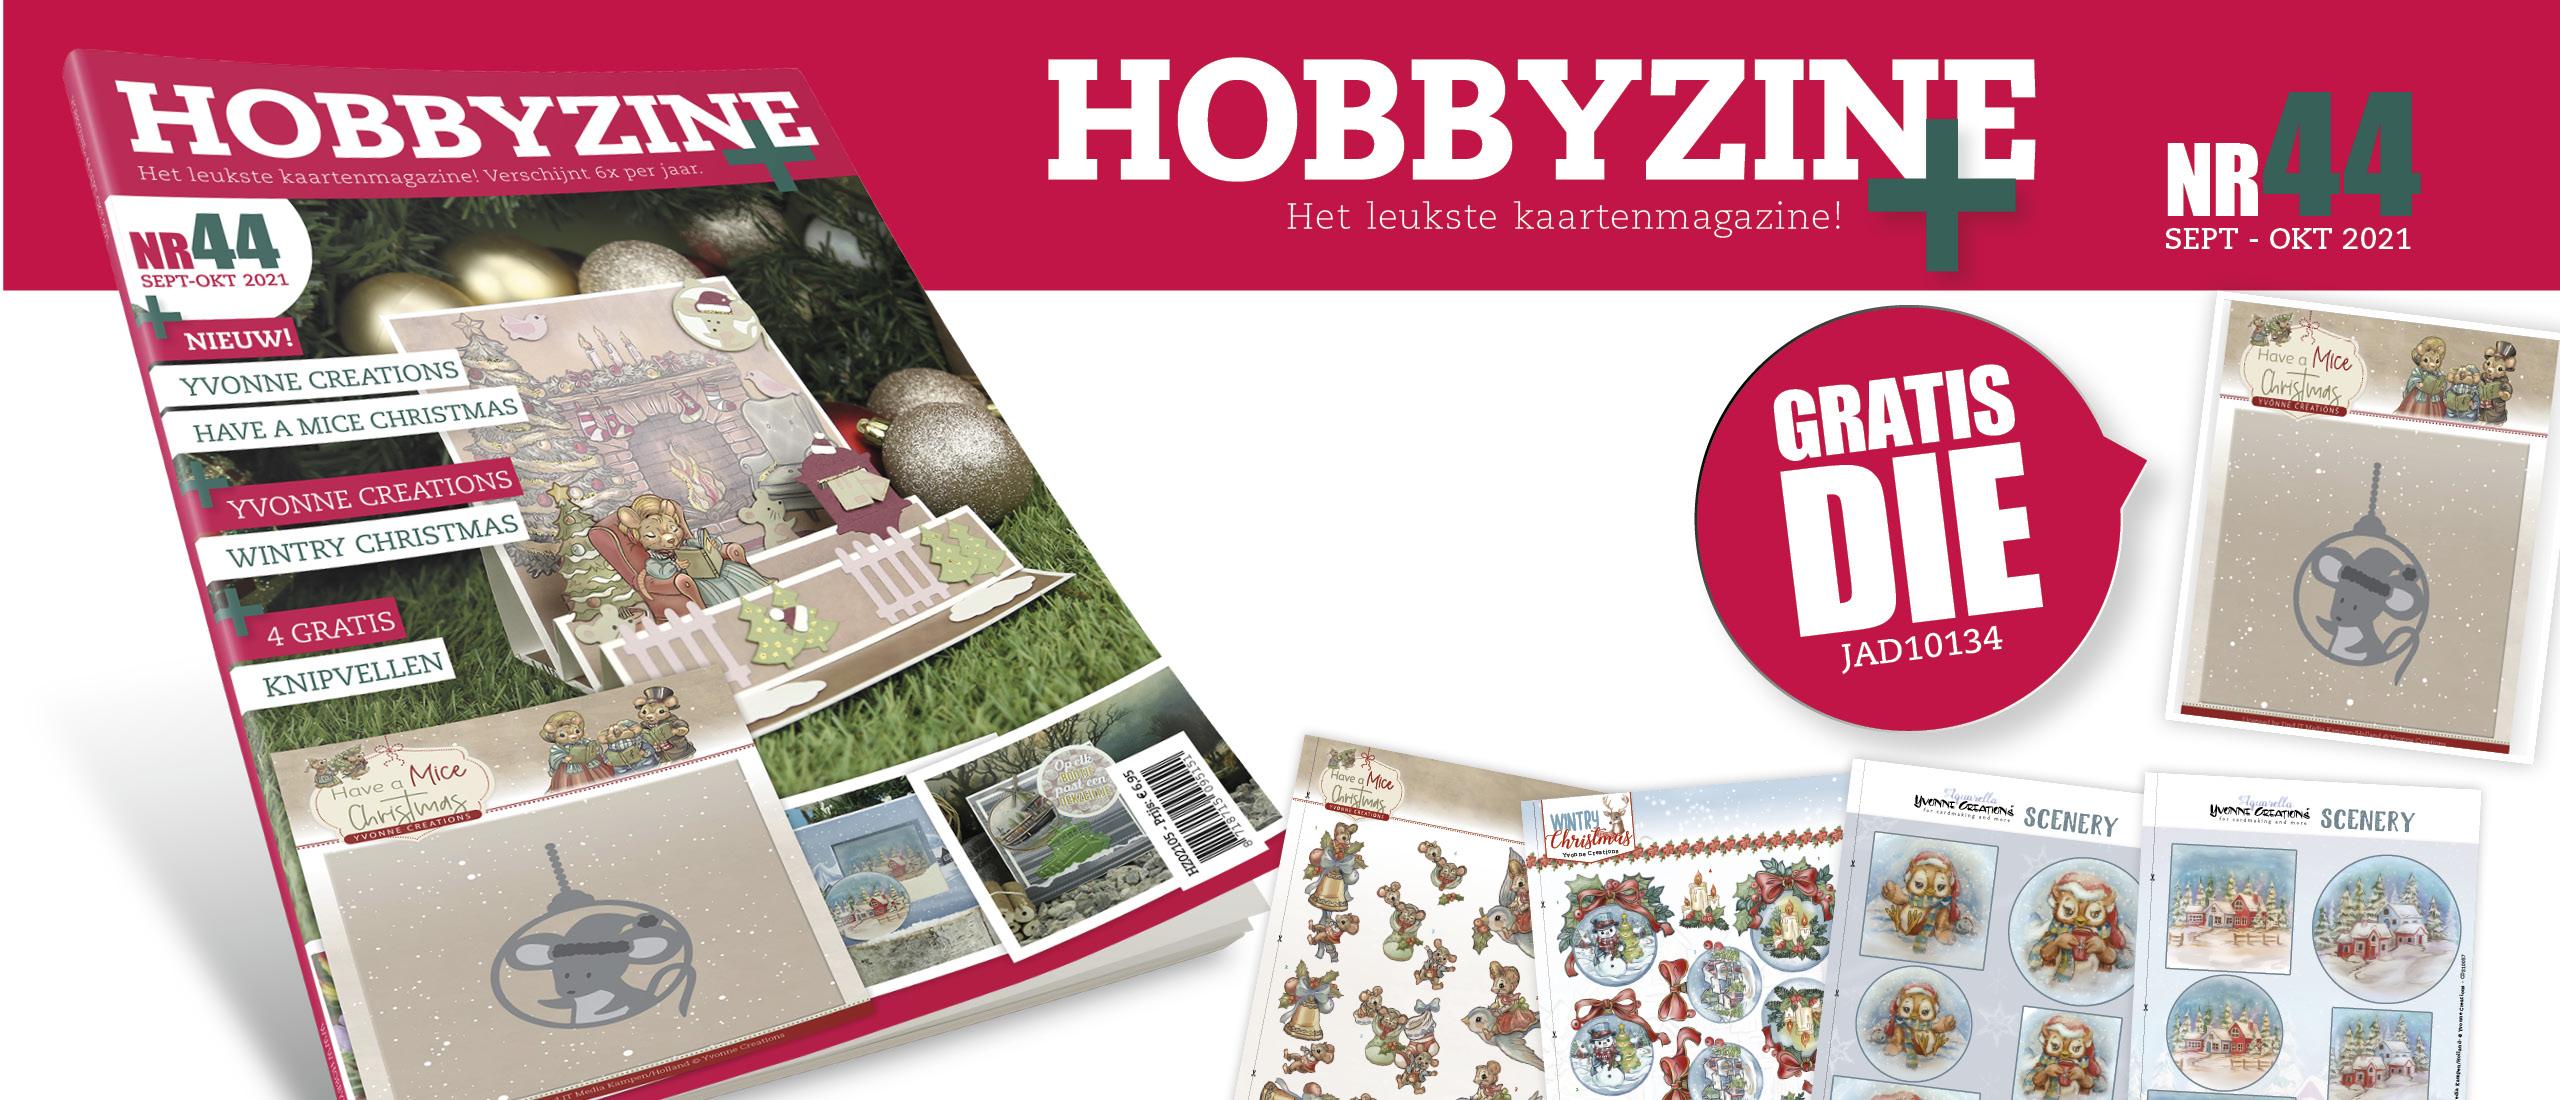 Gratis Die Christmas Mouse Bauble bij Hobbyzine Plus #44